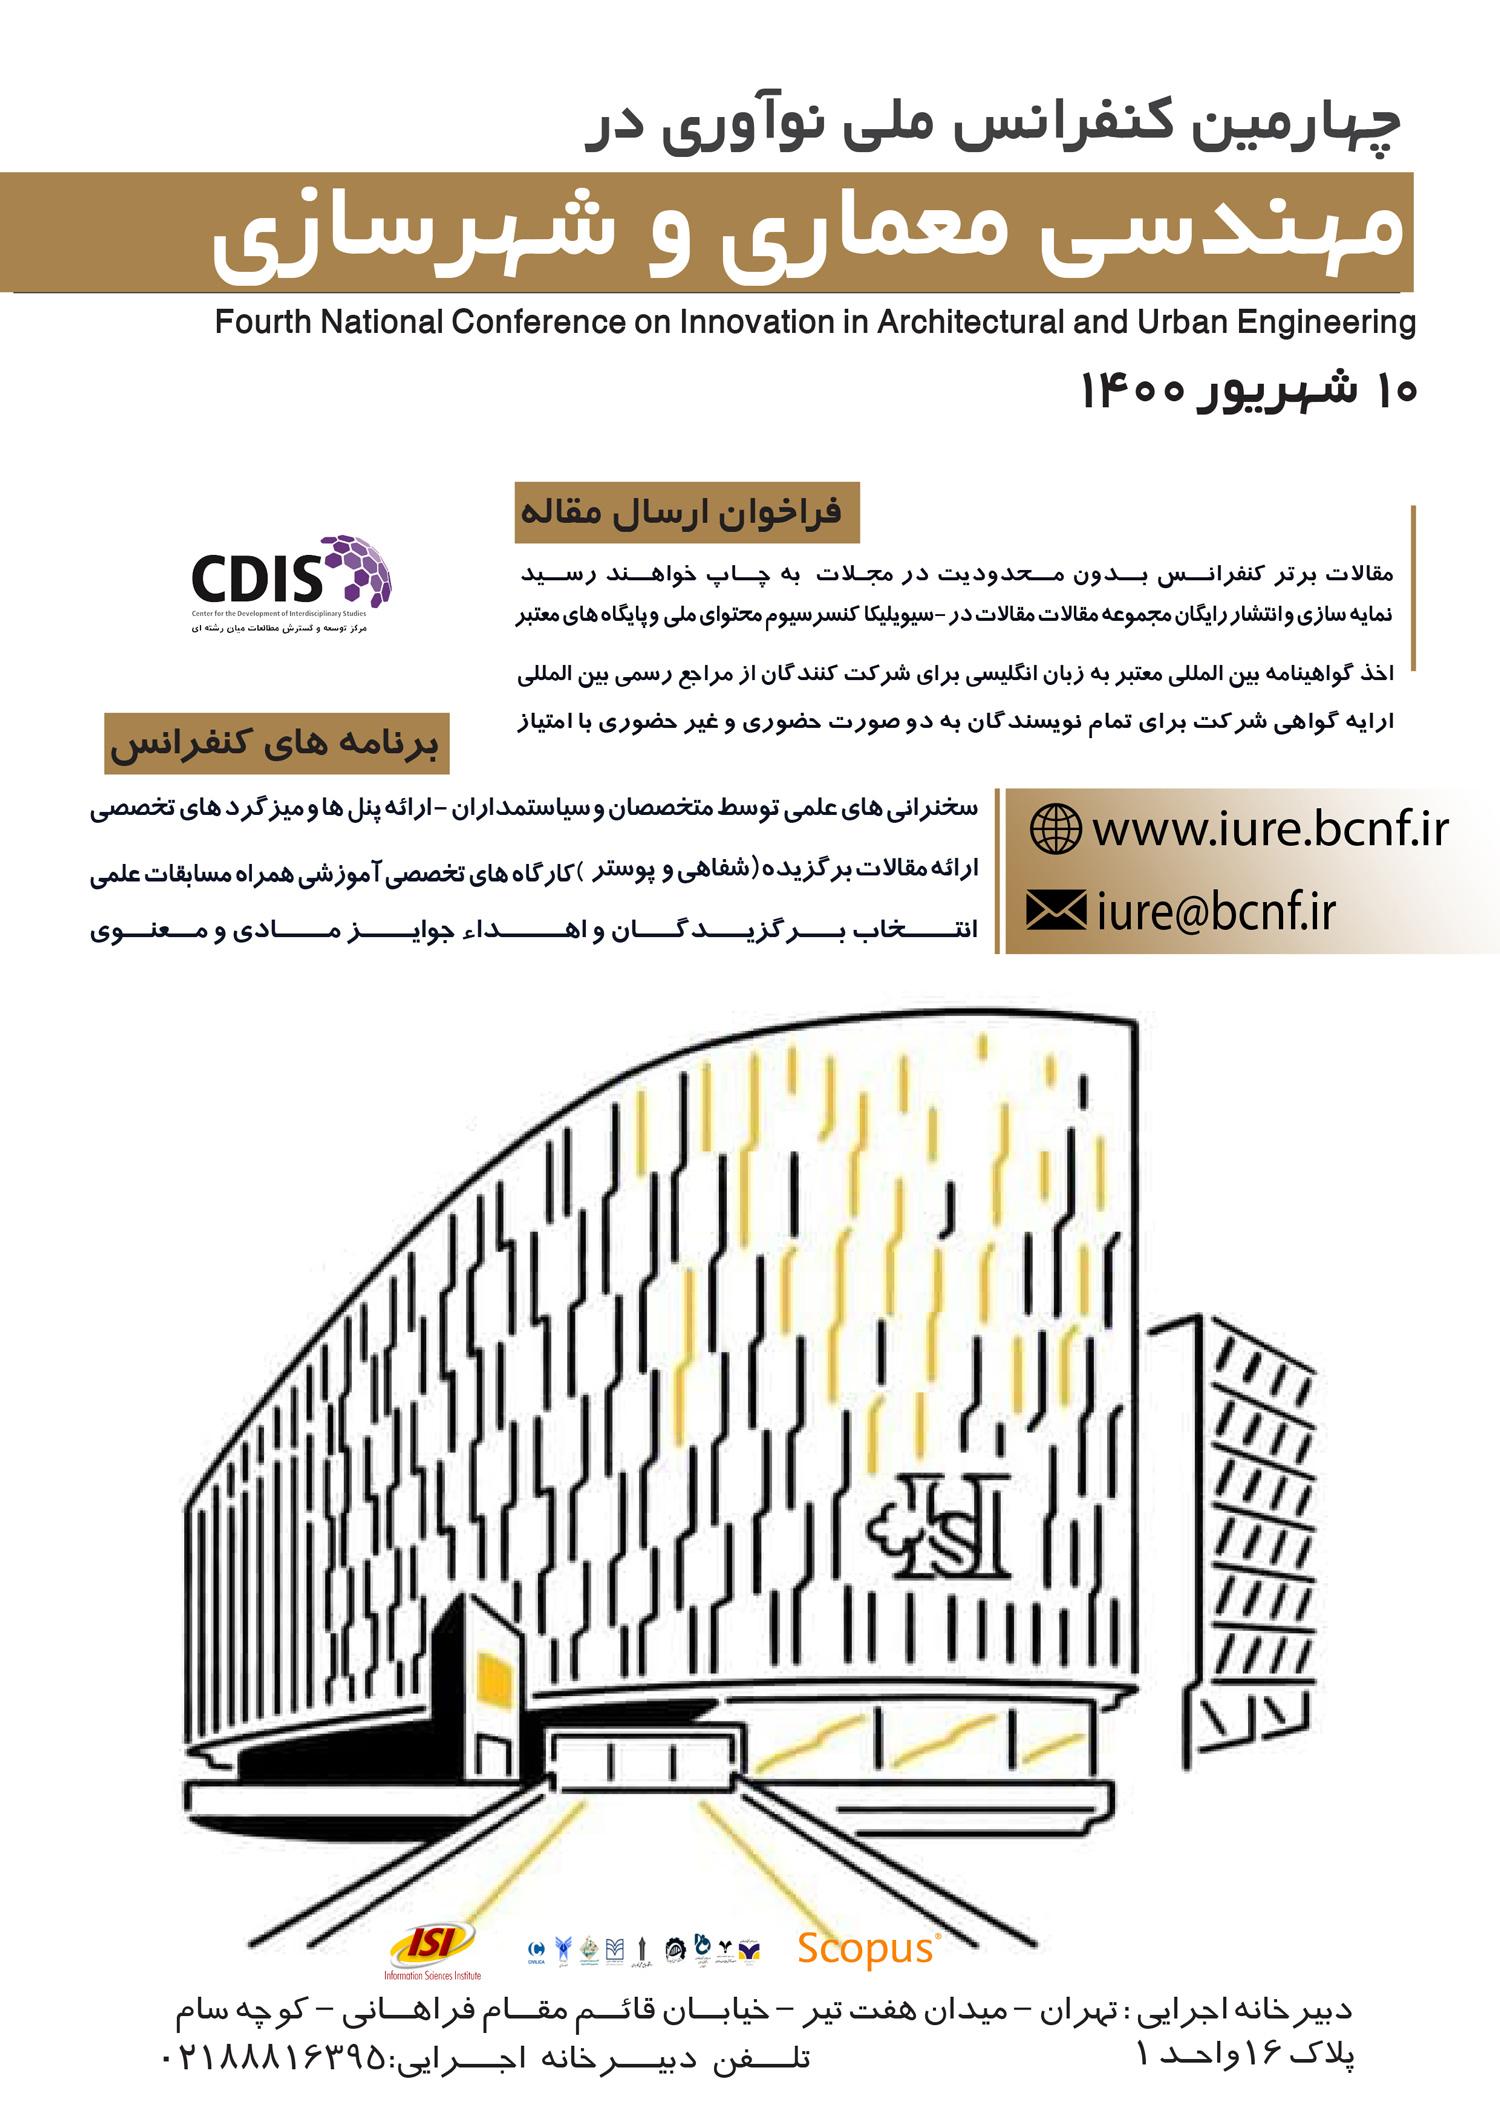 چهارمین کنفرانس ملی نوآوری در مهندسی معماری و شهرسازی